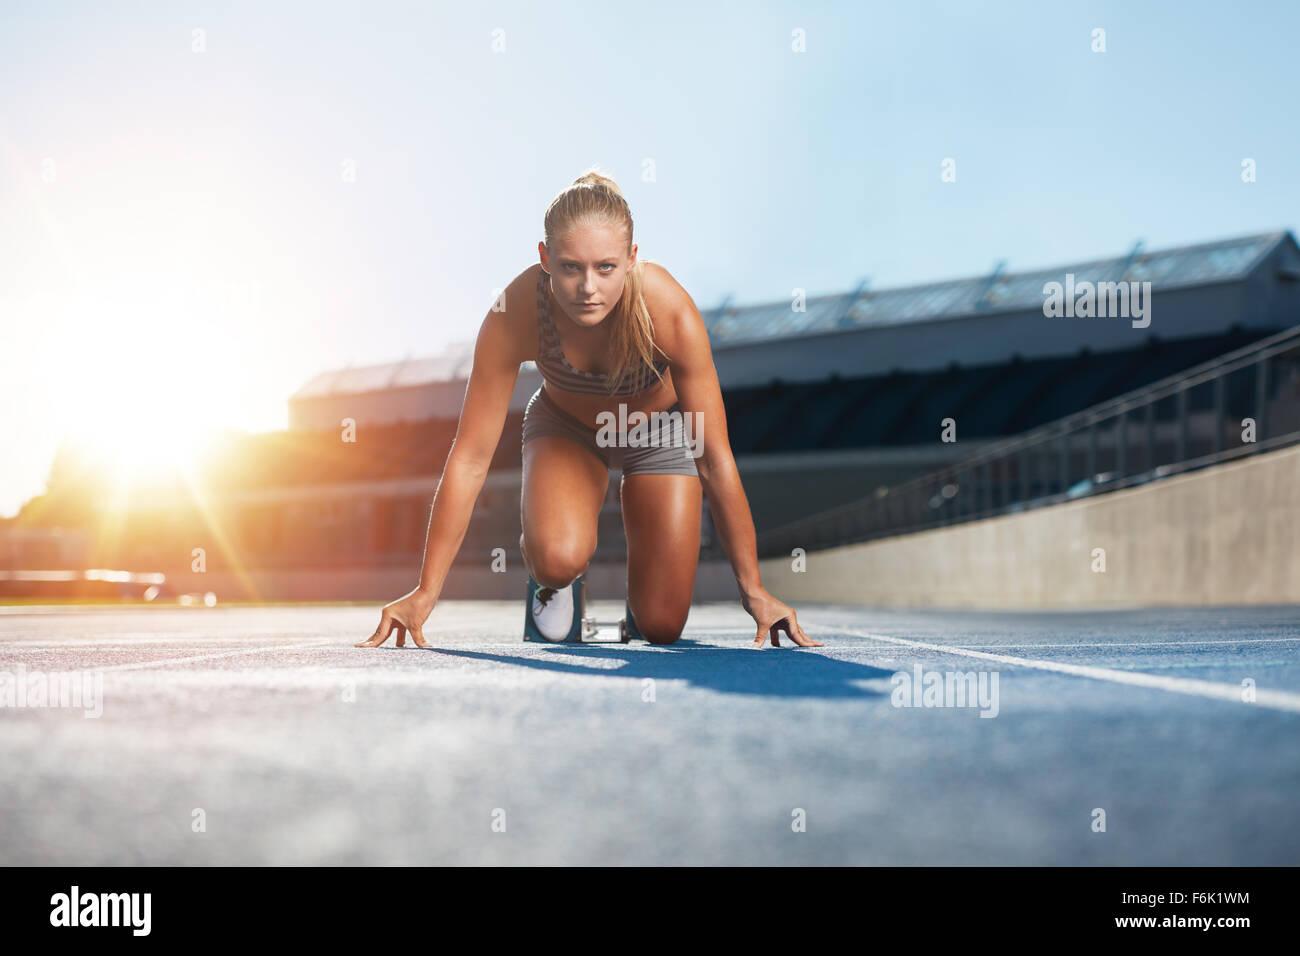 Fiducioso giovane atleta femminile nella posizione di partenza pronta per avviare una sprint. Velocista donna pronto Immagini Stock